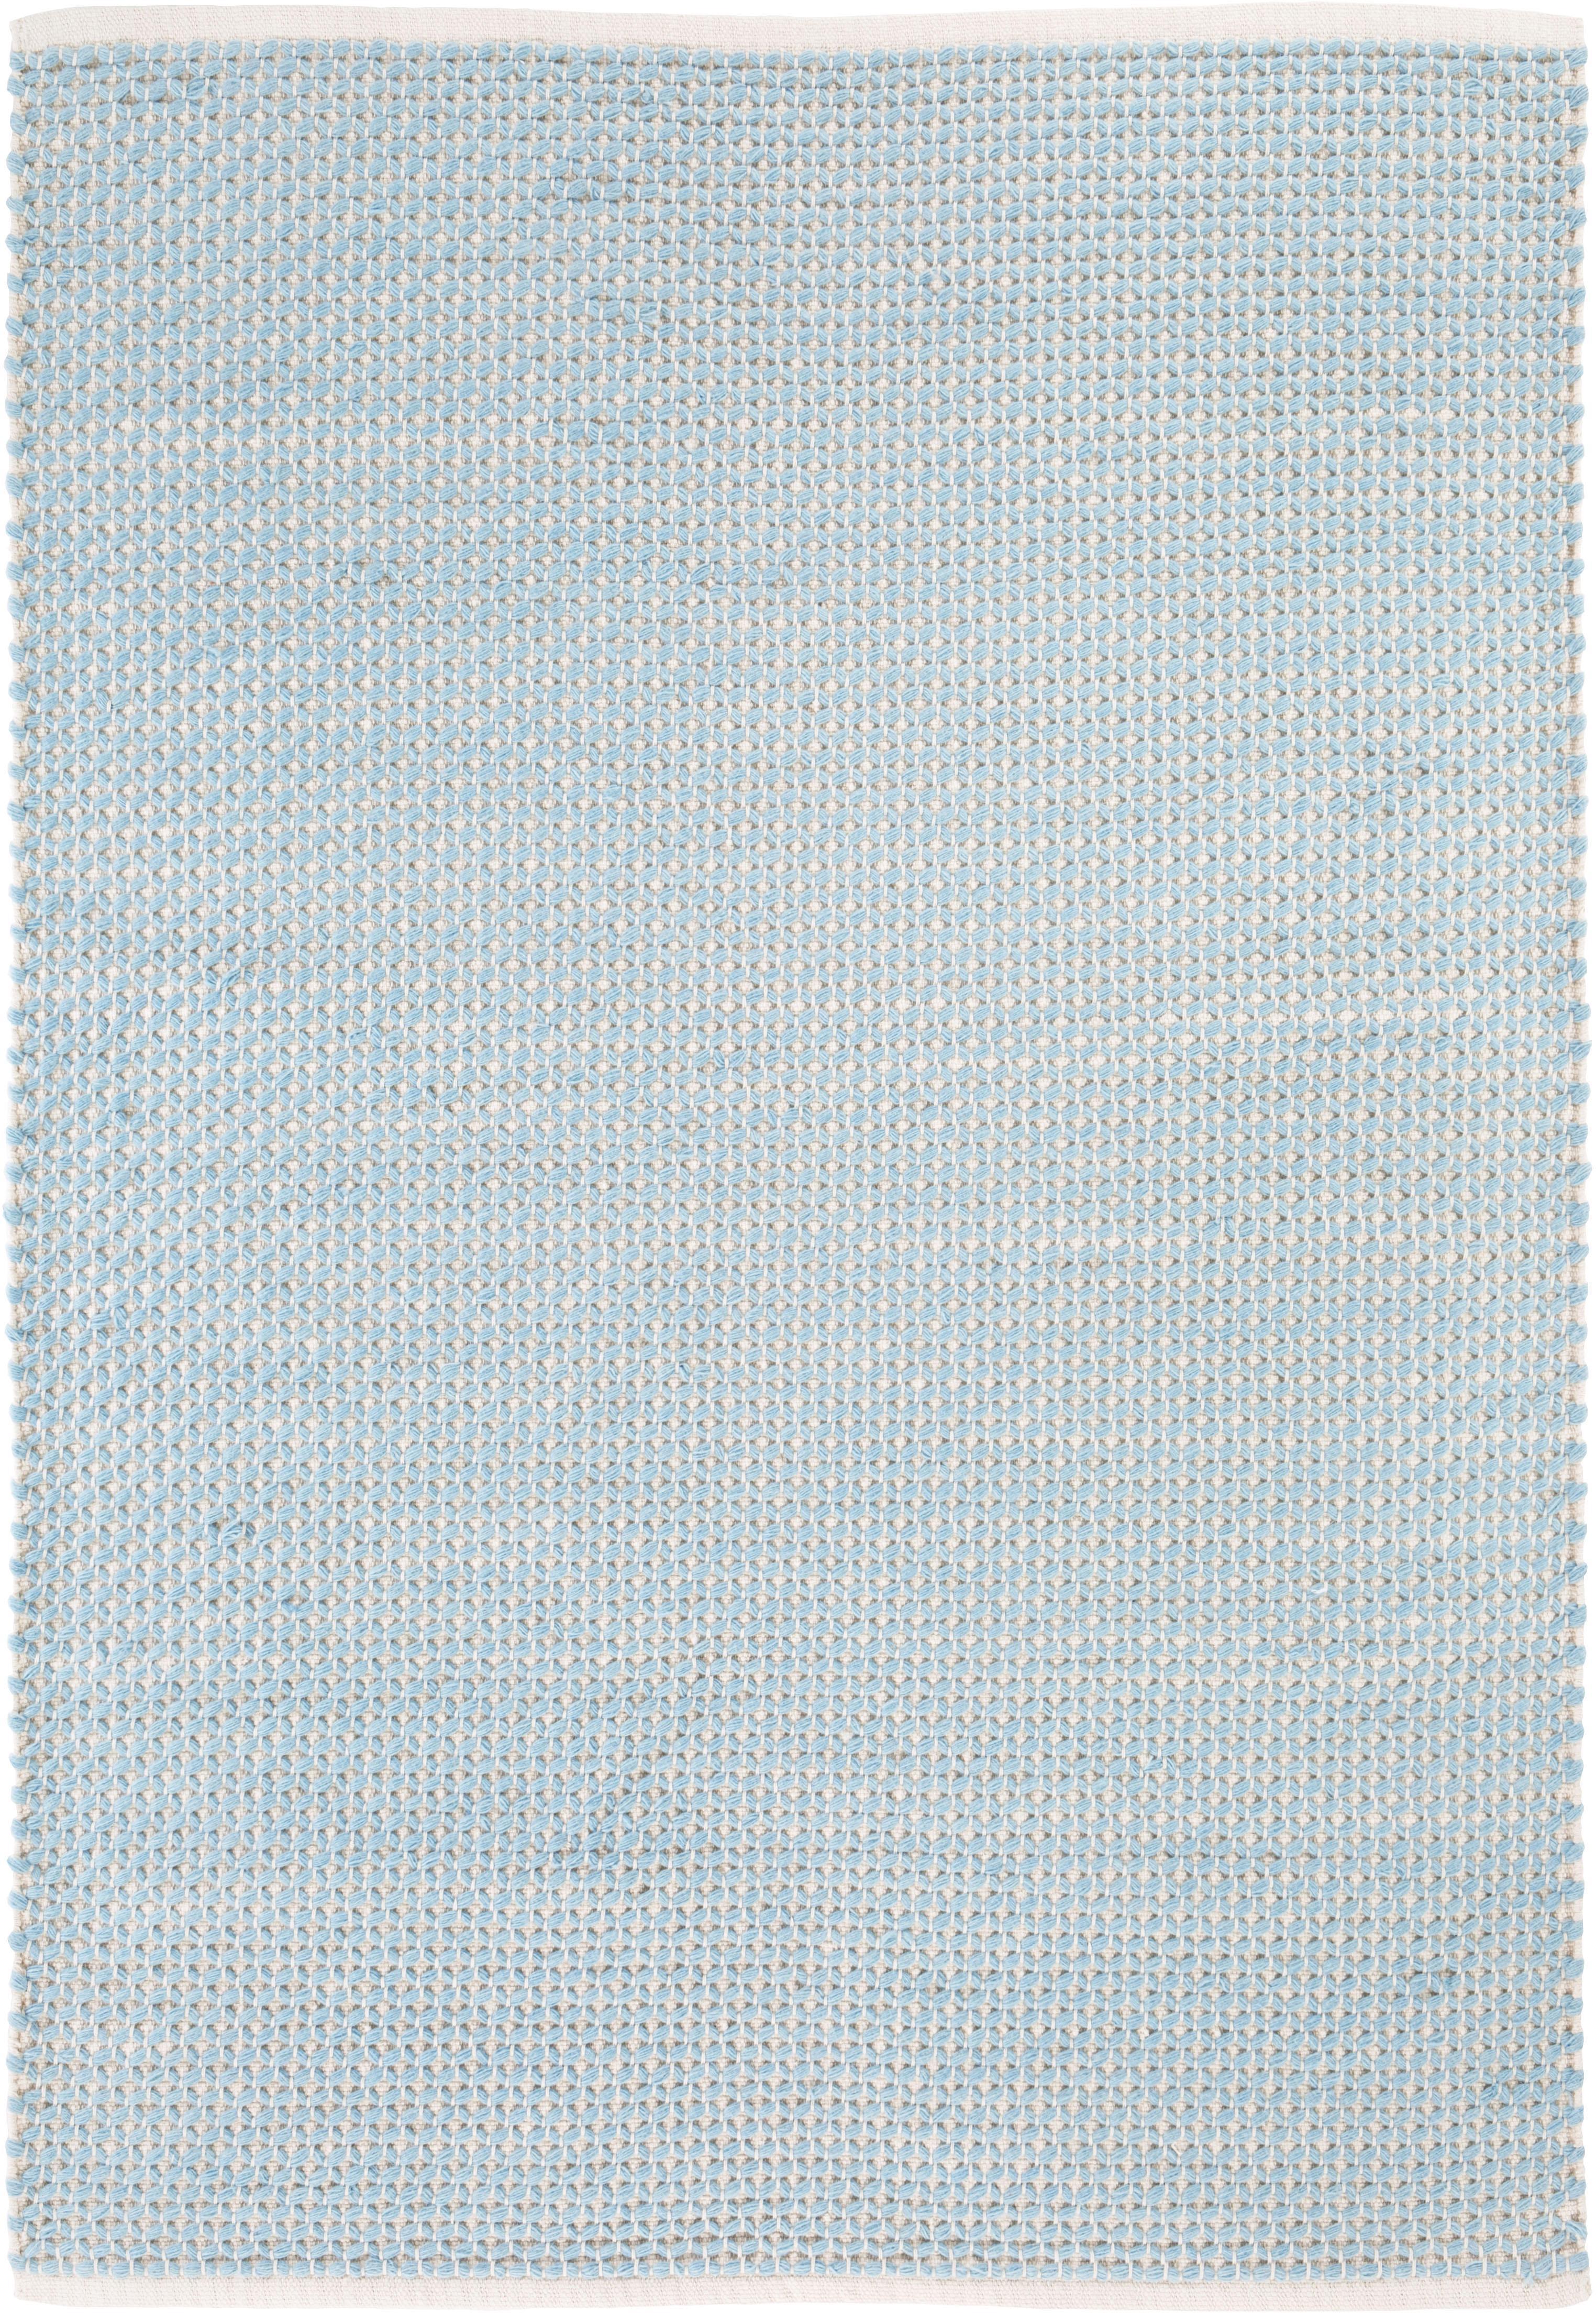 Teppich Skive LUXOR living rechteckig Höhe 10 mm maschinell gewebt